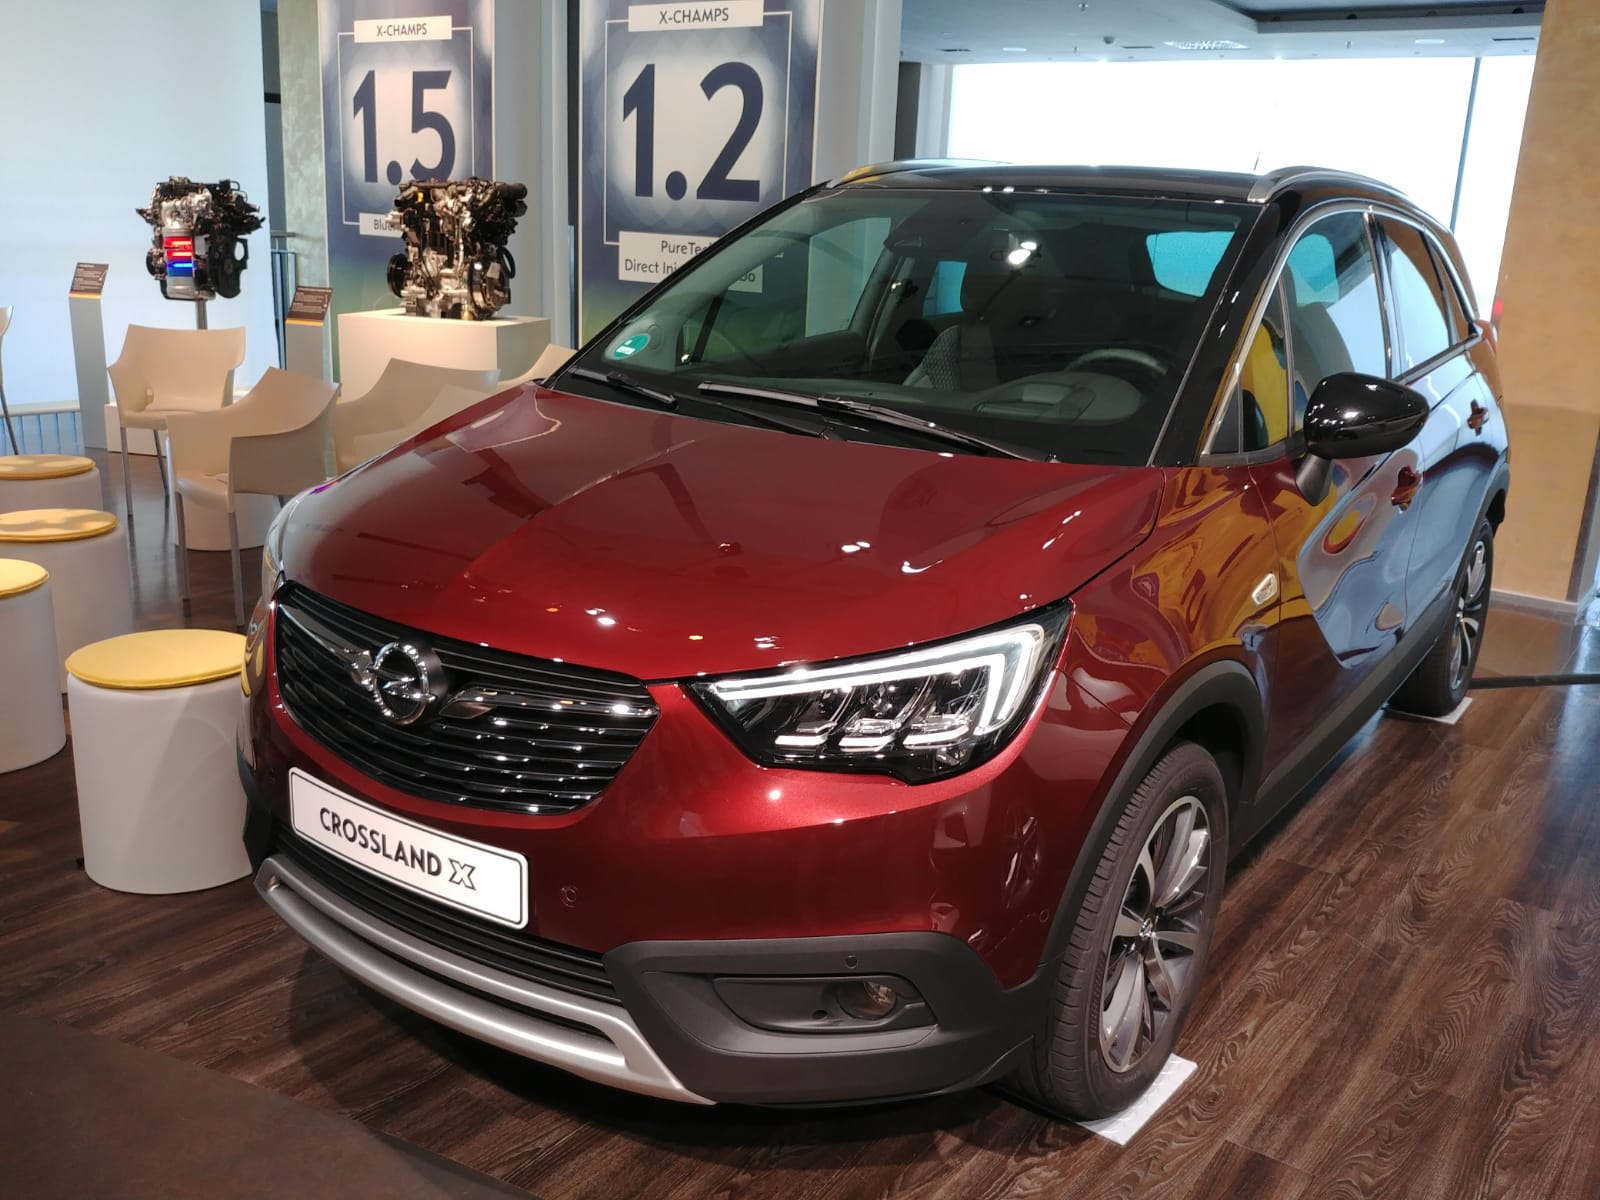 Opel - Crossland X